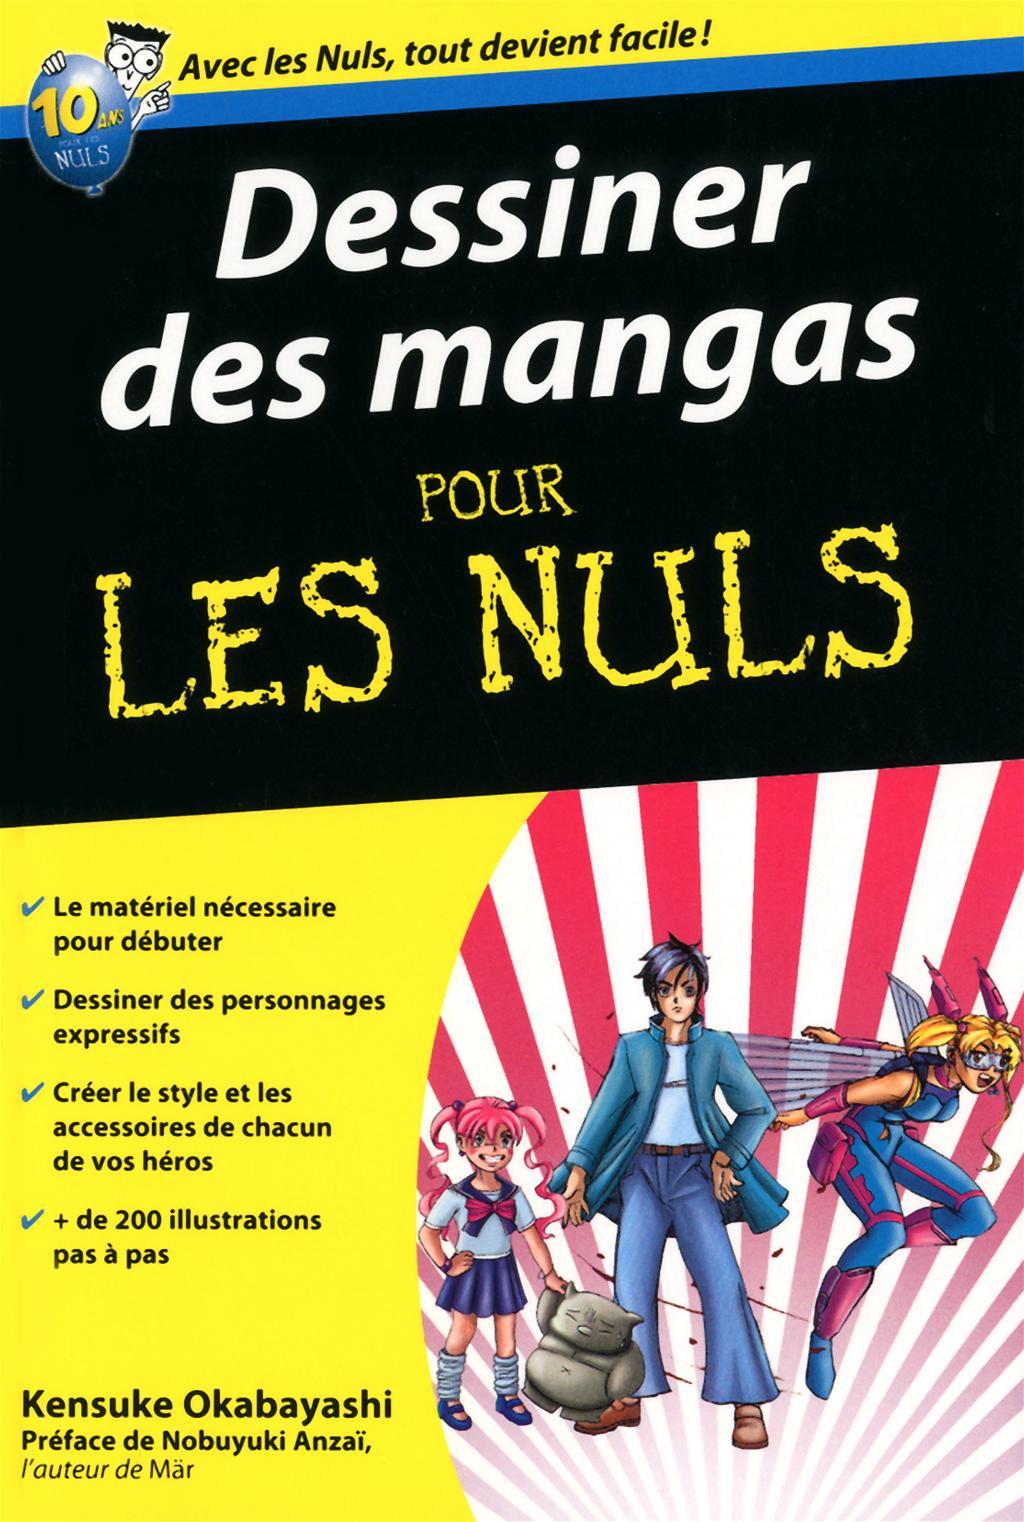 Dessiner des mangas pour les nuls (Kensuke Okabayashi ; First éd., sept. 2007)